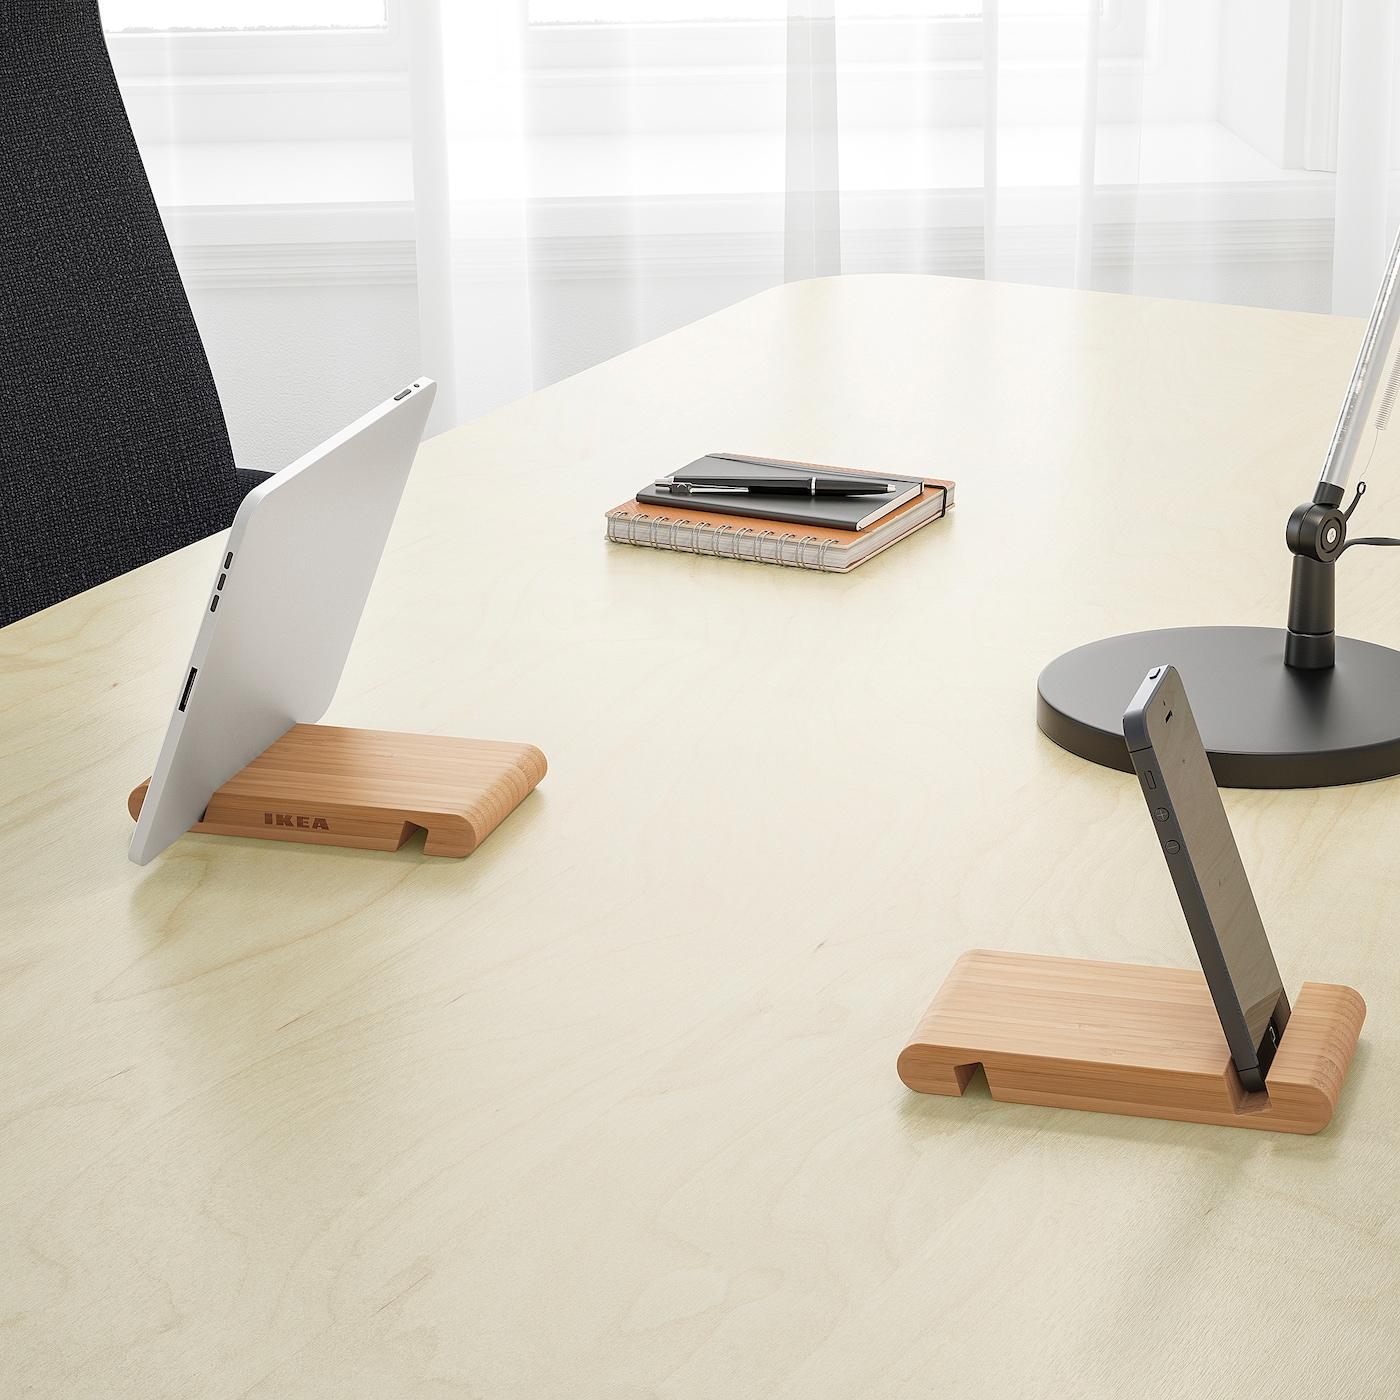 Ikea Brada Ordinateur Portable Support Stand Tray pour lecture canapé-lit en plastique pour ordinateur de bureau utilisation